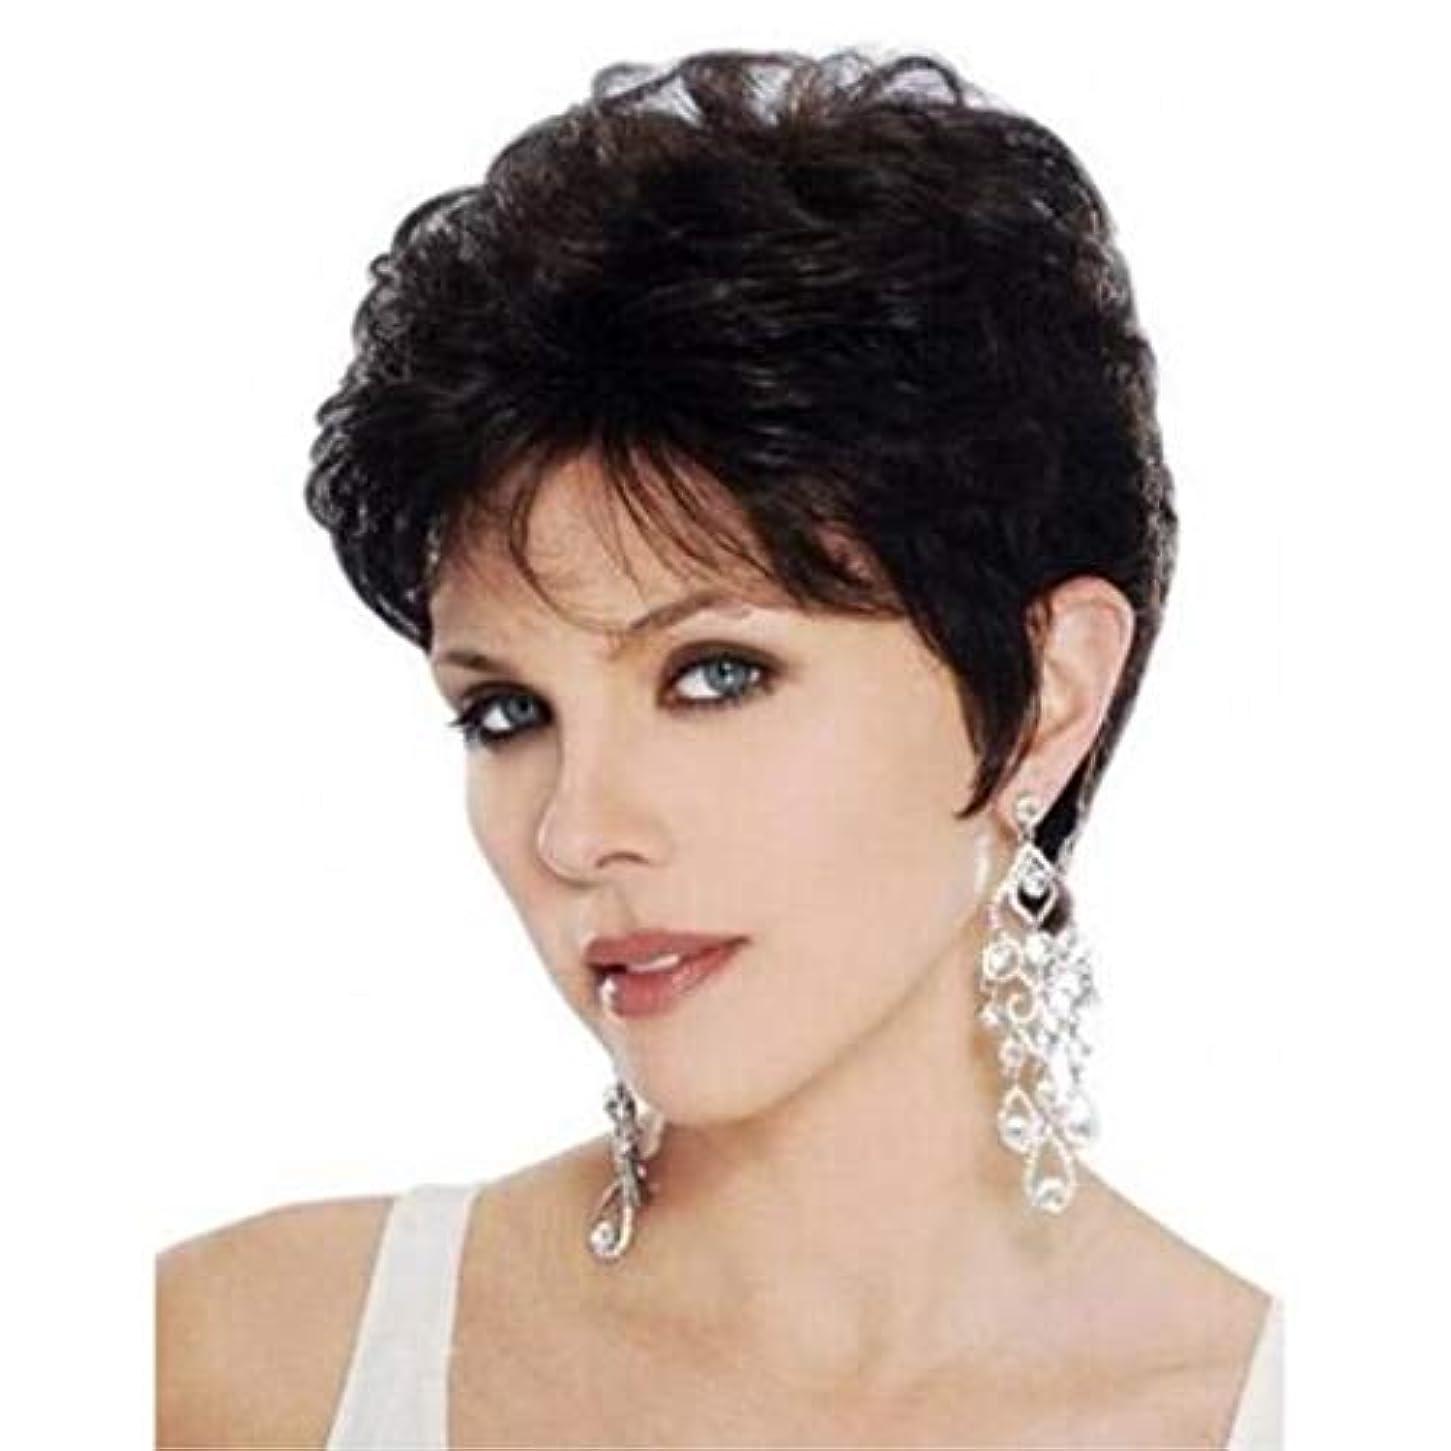 クラフト頭蓋骨優れたSummerys 女性のための耐熱性耐熱性ショートストレートウィッグ高温ワイヤー自然 (Color : Black)